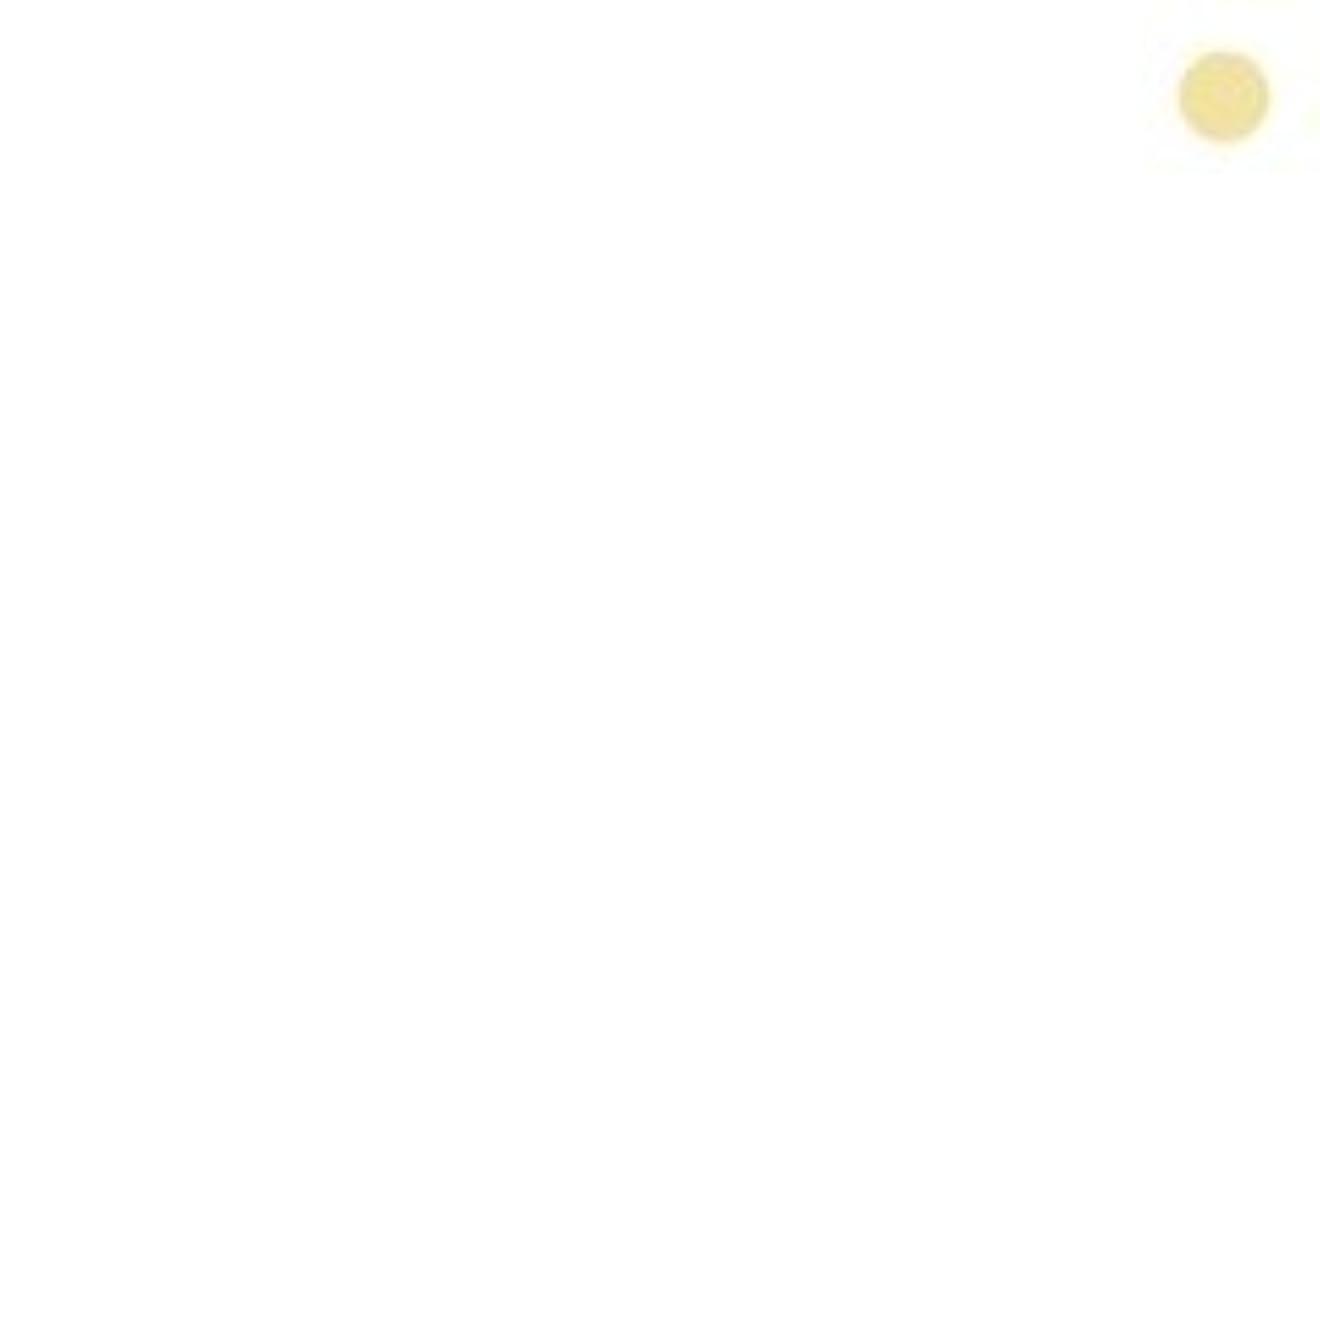 あまりにもベーカリー唇【カバーマーク】ジャスミーカラー パウダリーファンデーション #YN10 (レフィル)